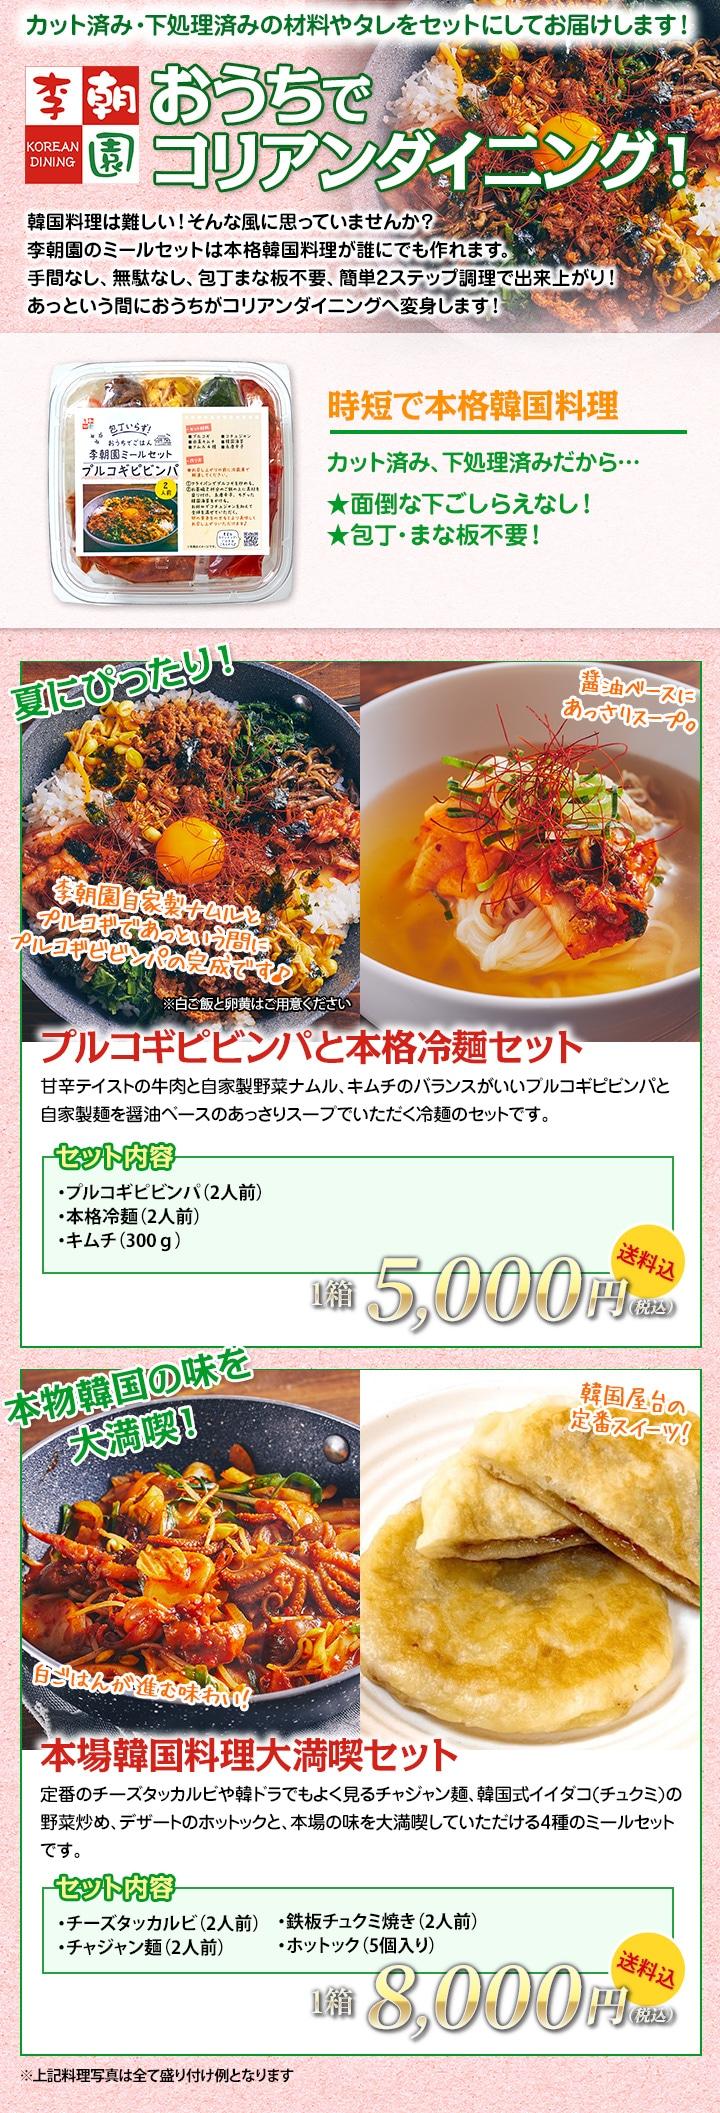 【時短で本格韓国料理!】おうちで コリアンダイニング! ★送料込★